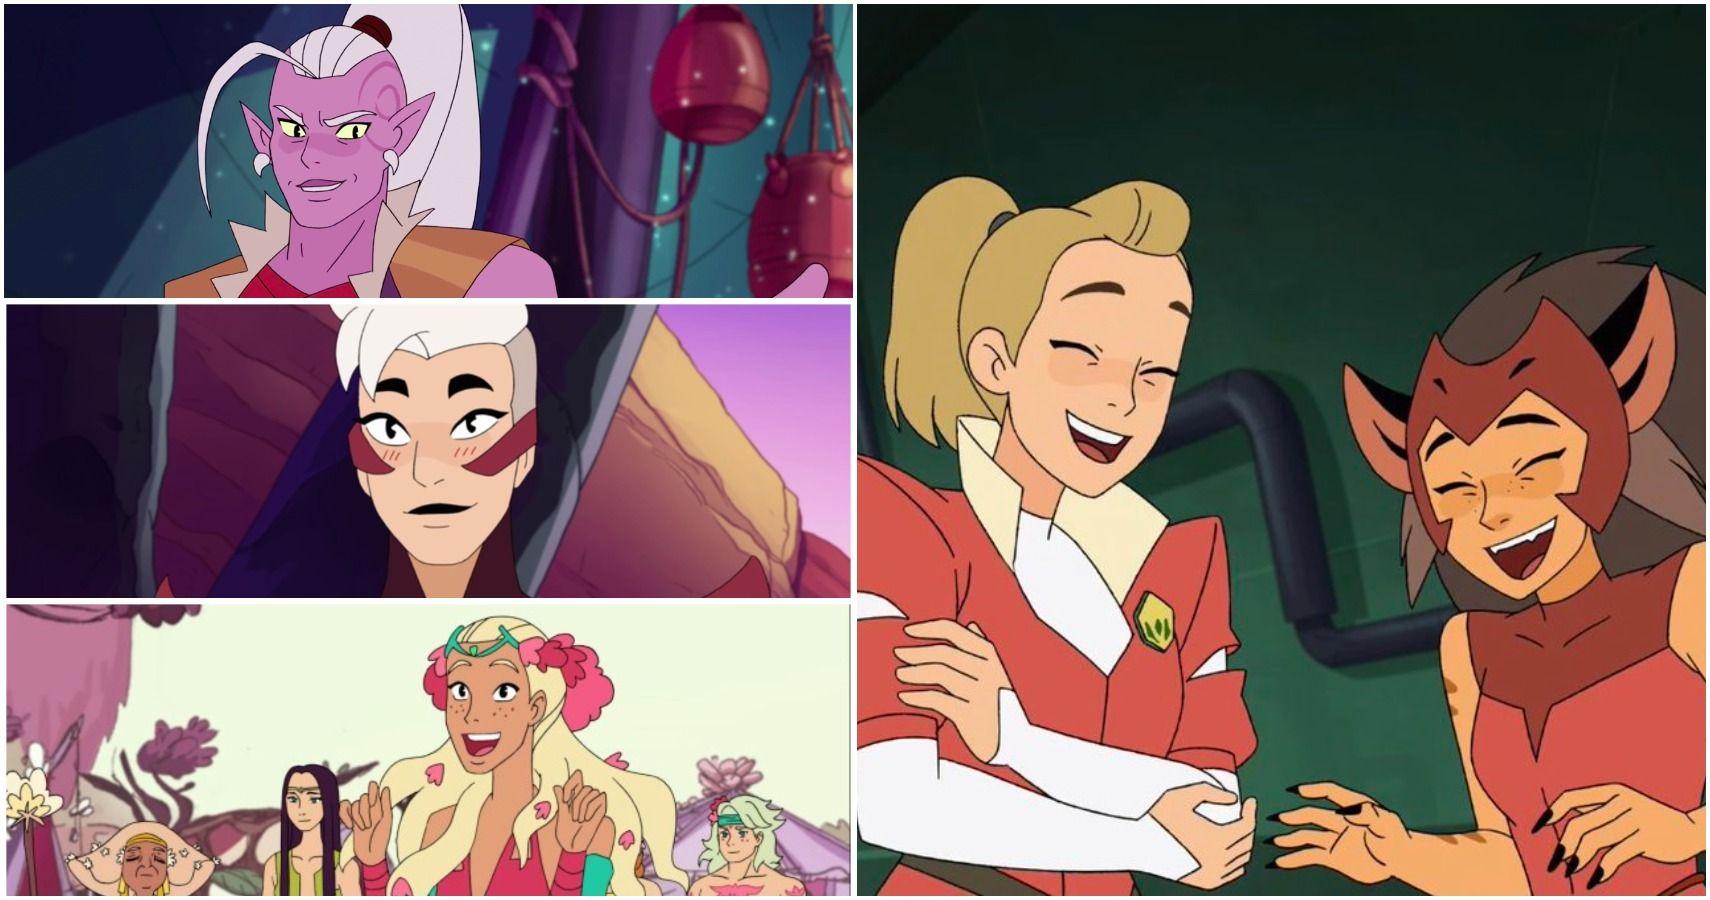 adora princesses of power